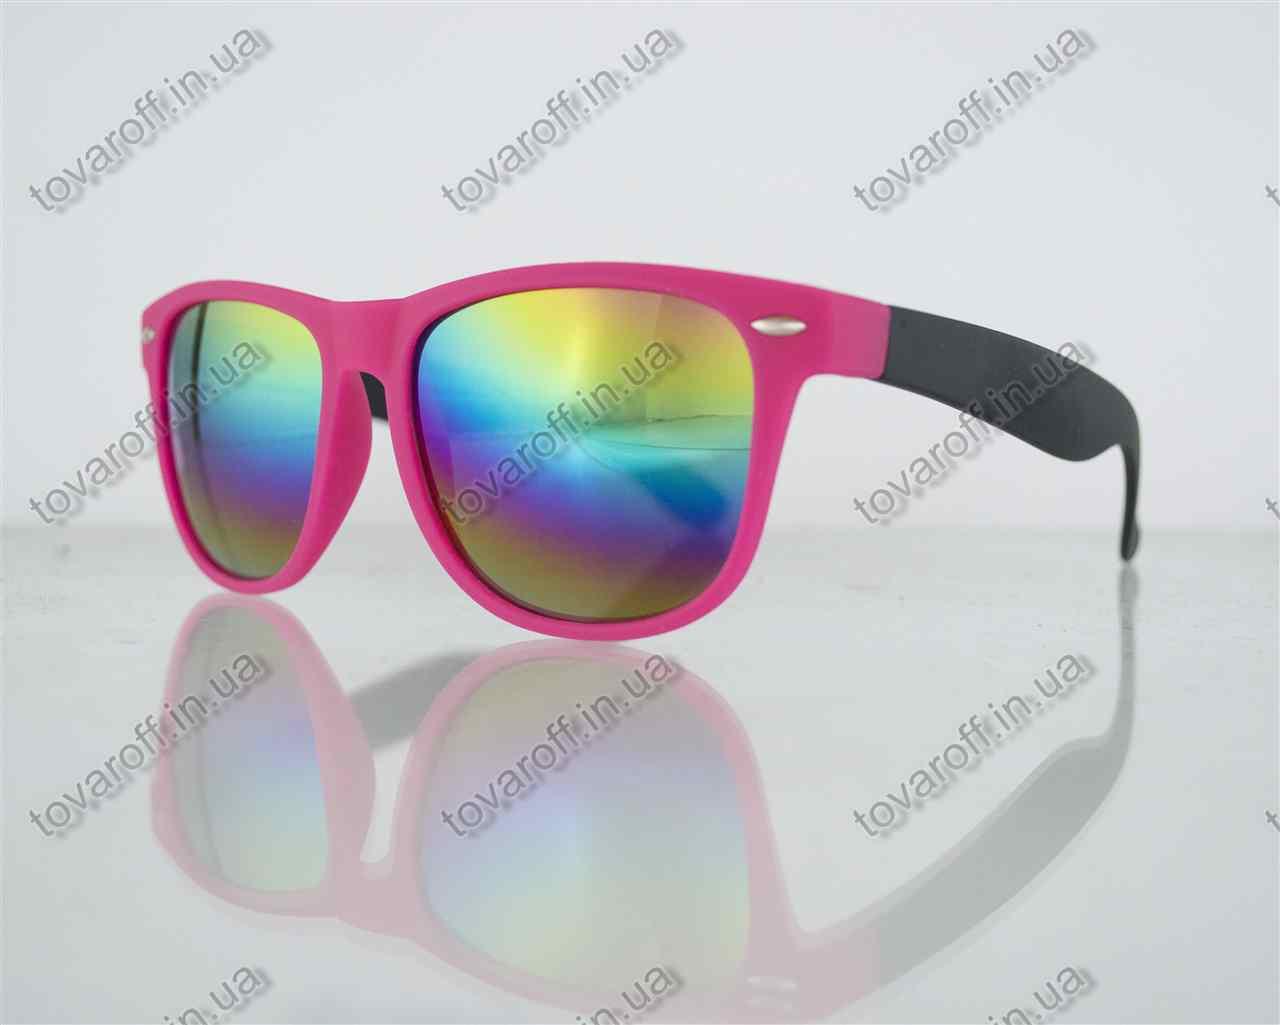 Оптом очки унисекс солнцезащитные Вайфарер (Wayfarer) с зеркальными линзами - Розово-черные - 2623